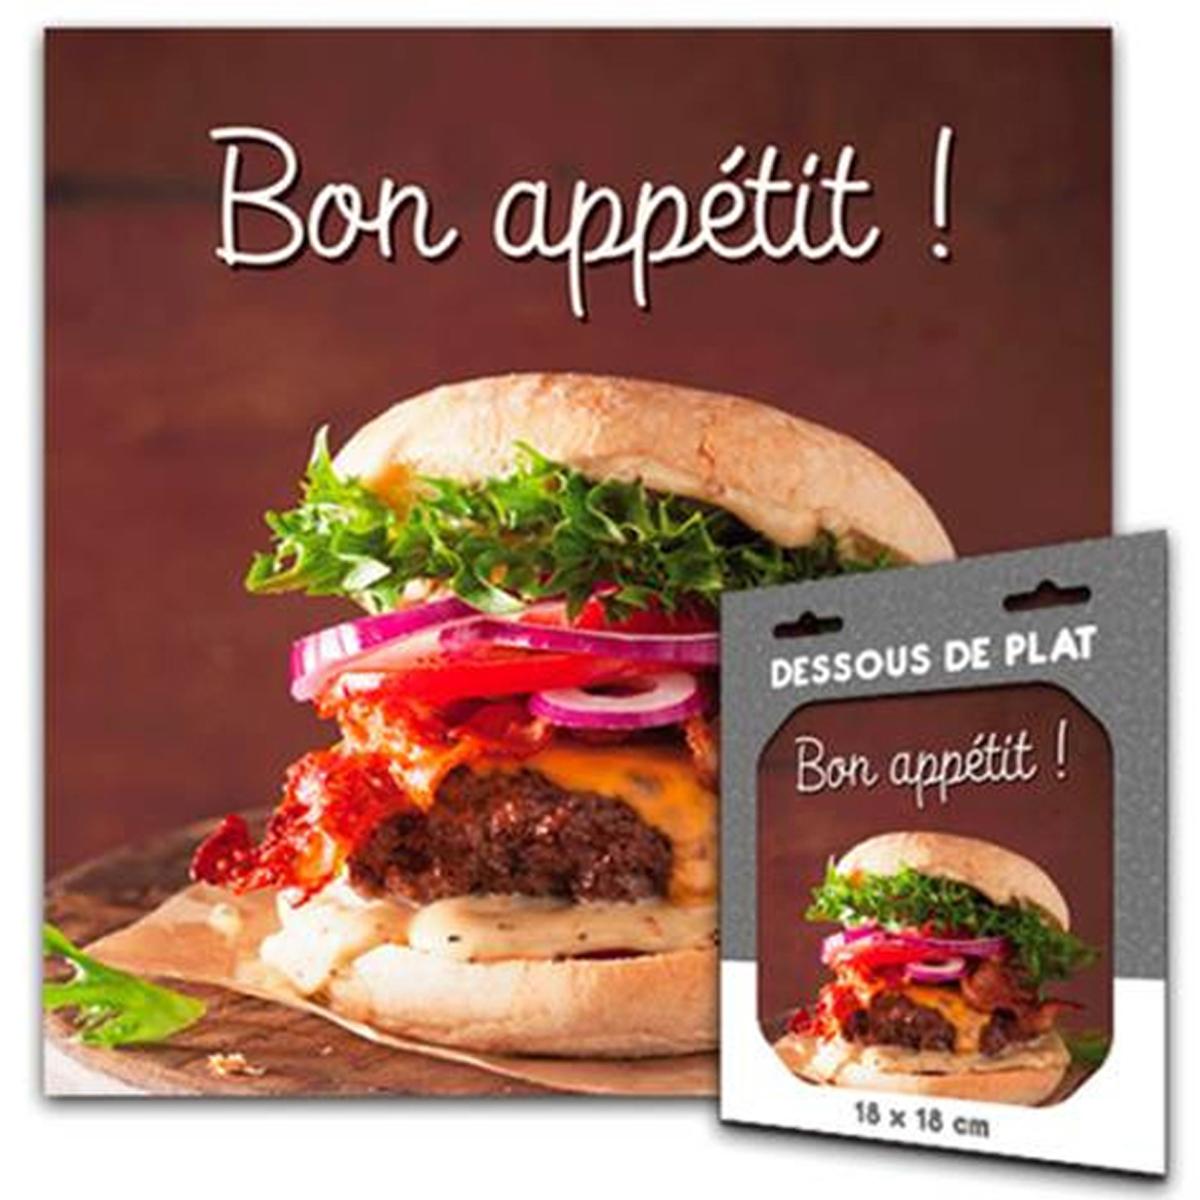 Dessous de plat \'Messages\' (Bon Appétit) - 18x18 cm - [Q8355]